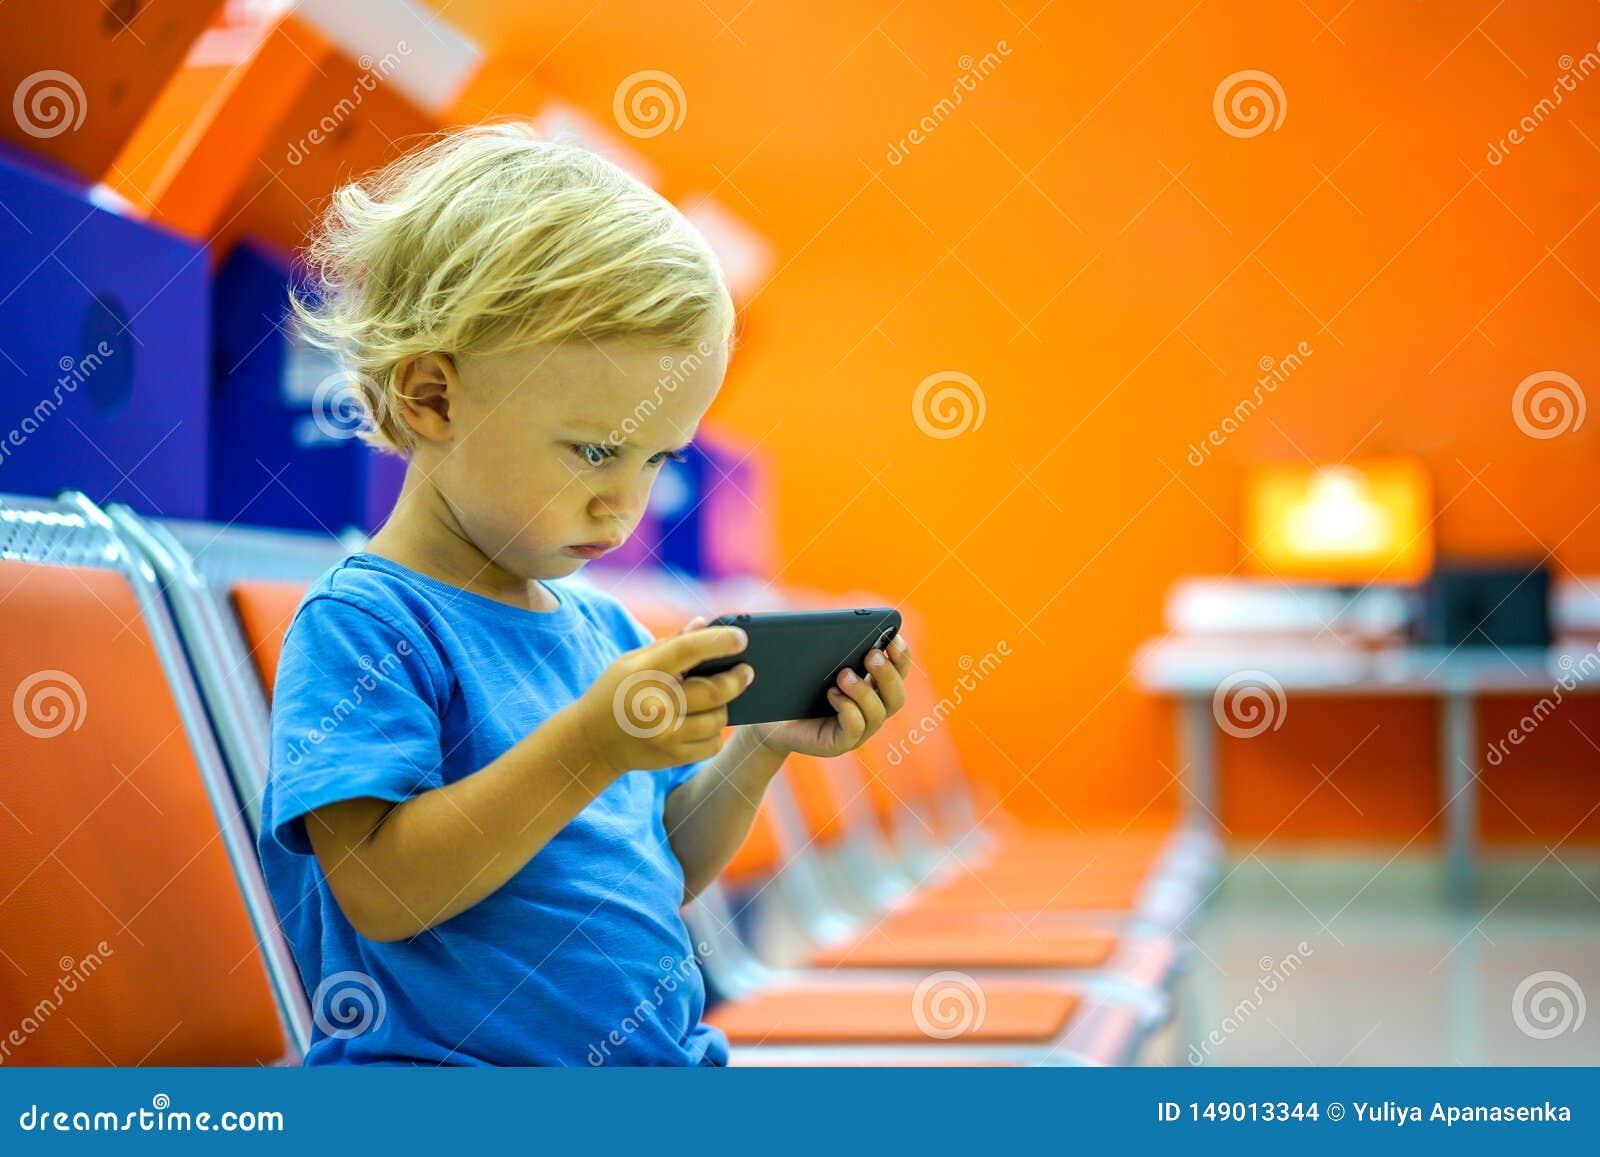 Nette aufpassende Karikaturen des kleinen Jungen auf Smartphone im Warteraum